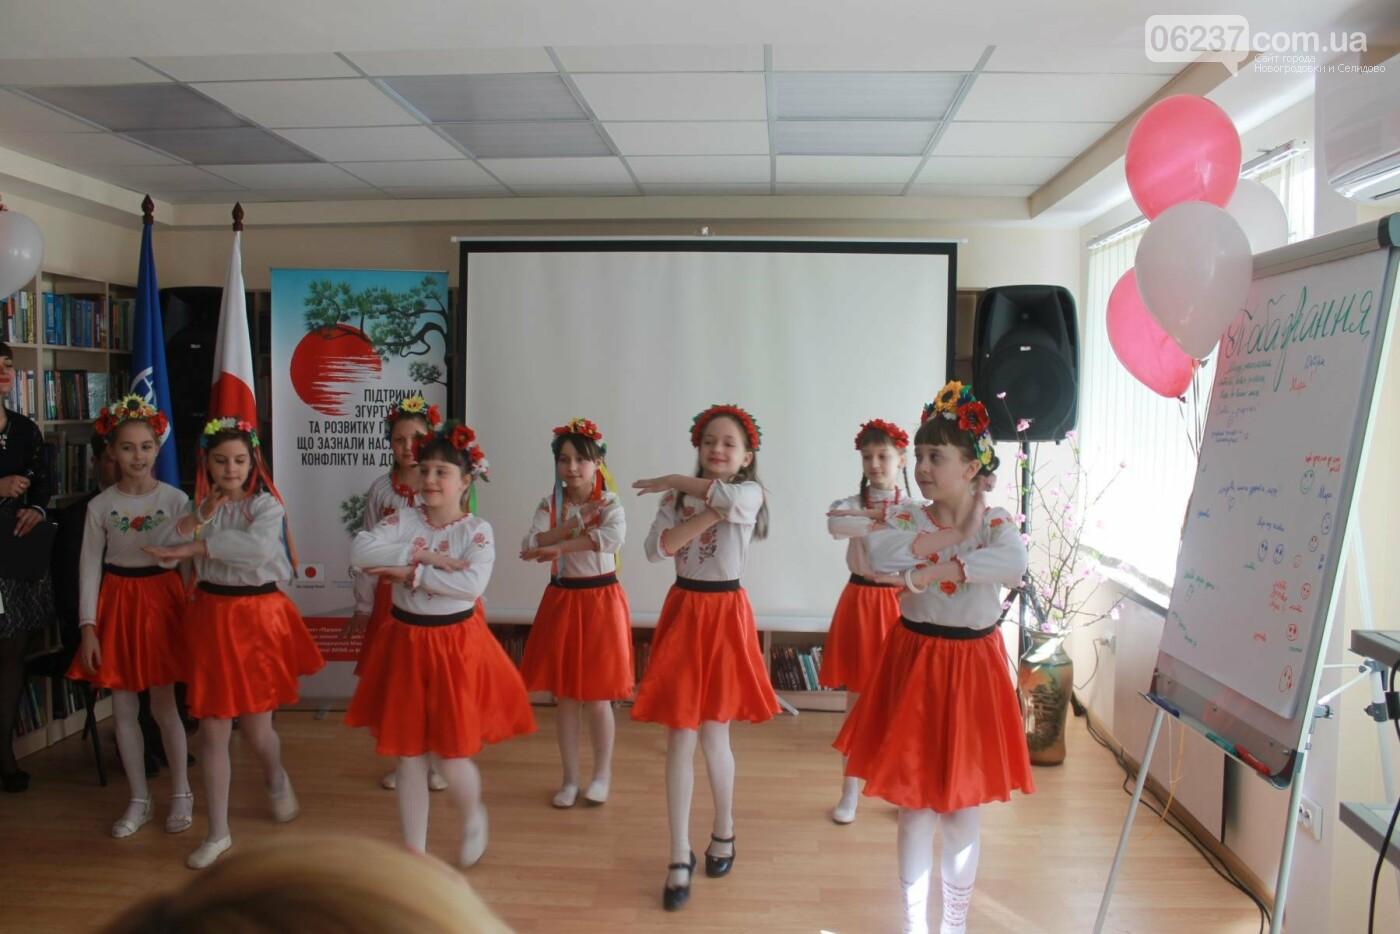 Открытие библиотеки в Новогродовке в рамках проекта Международной организации по миграции, фото-5